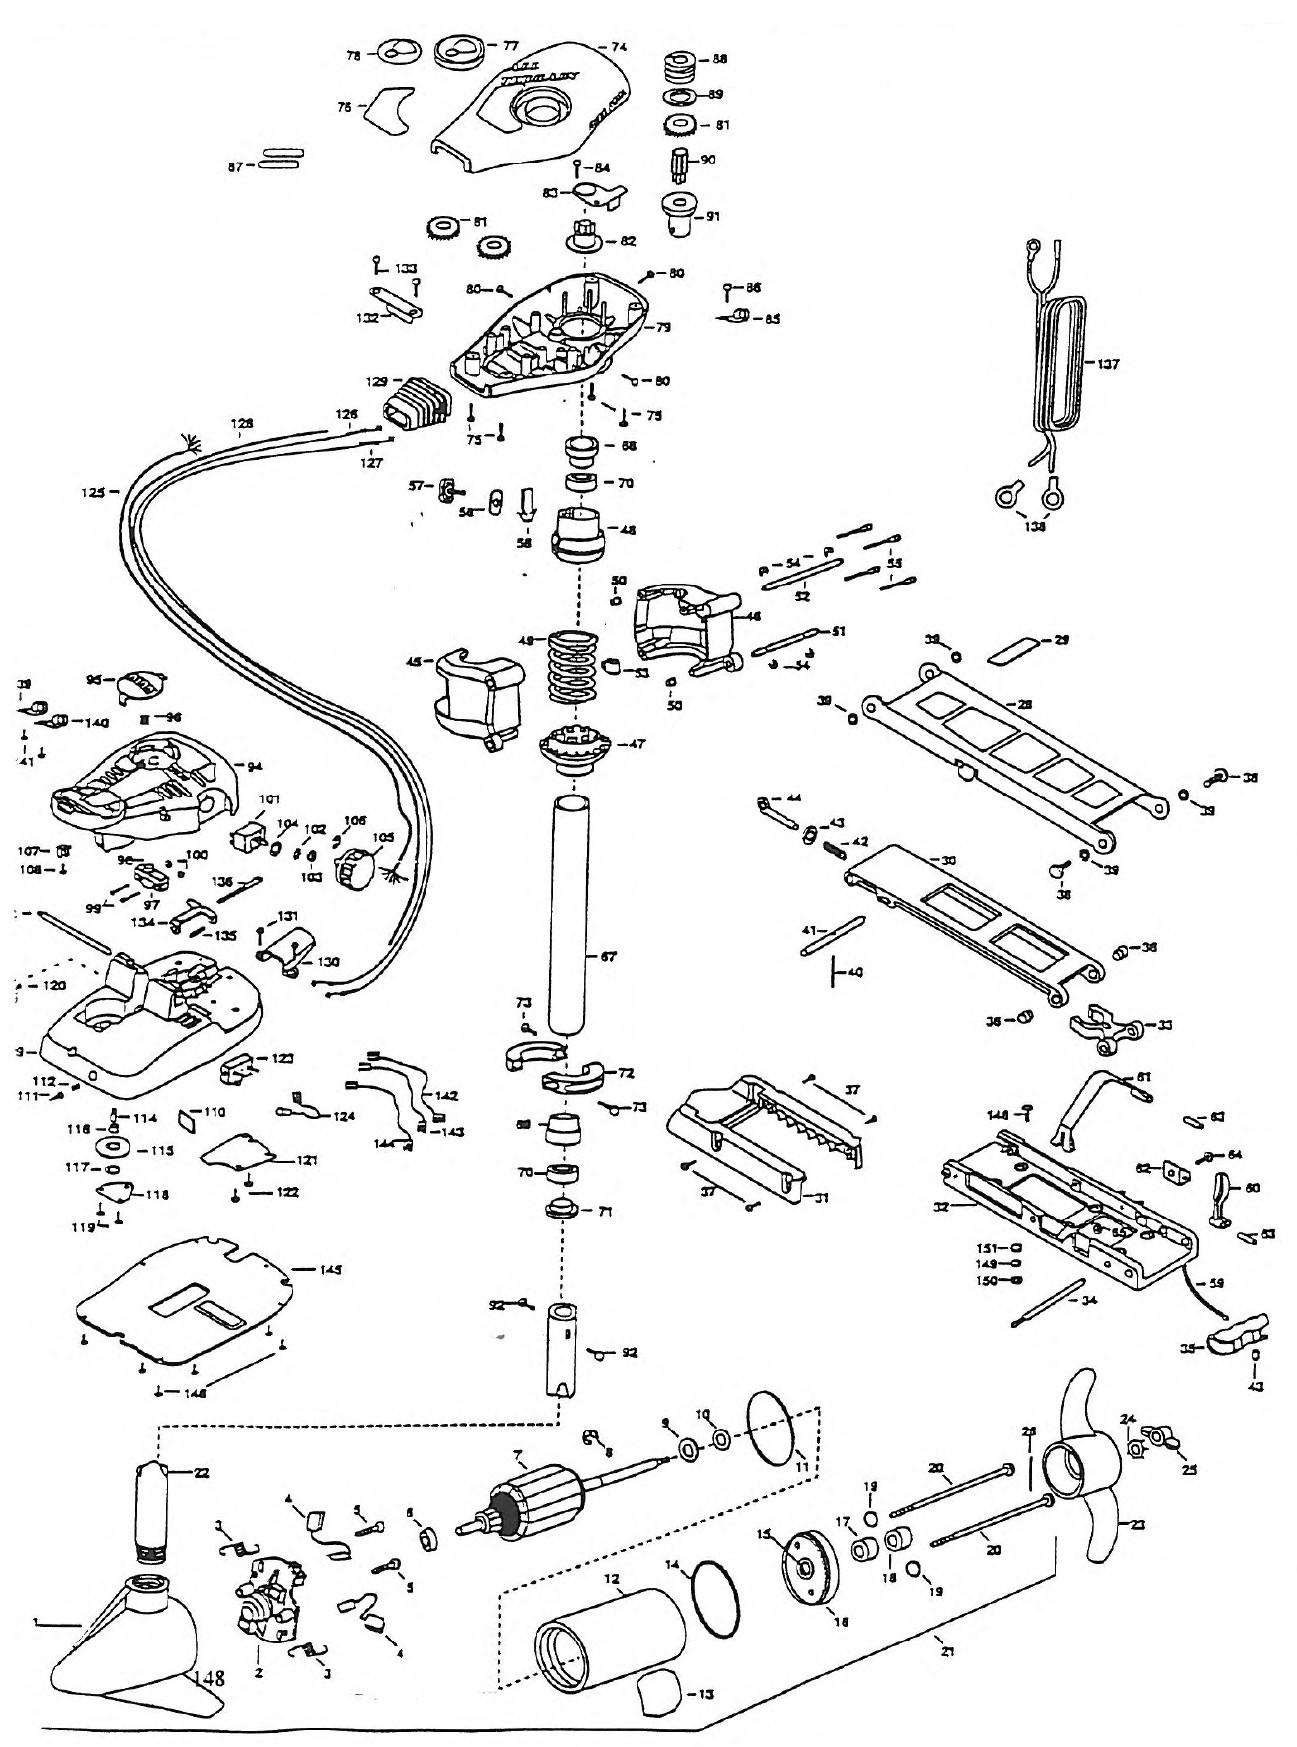 minn kota v manual endura c parts diagram schematics